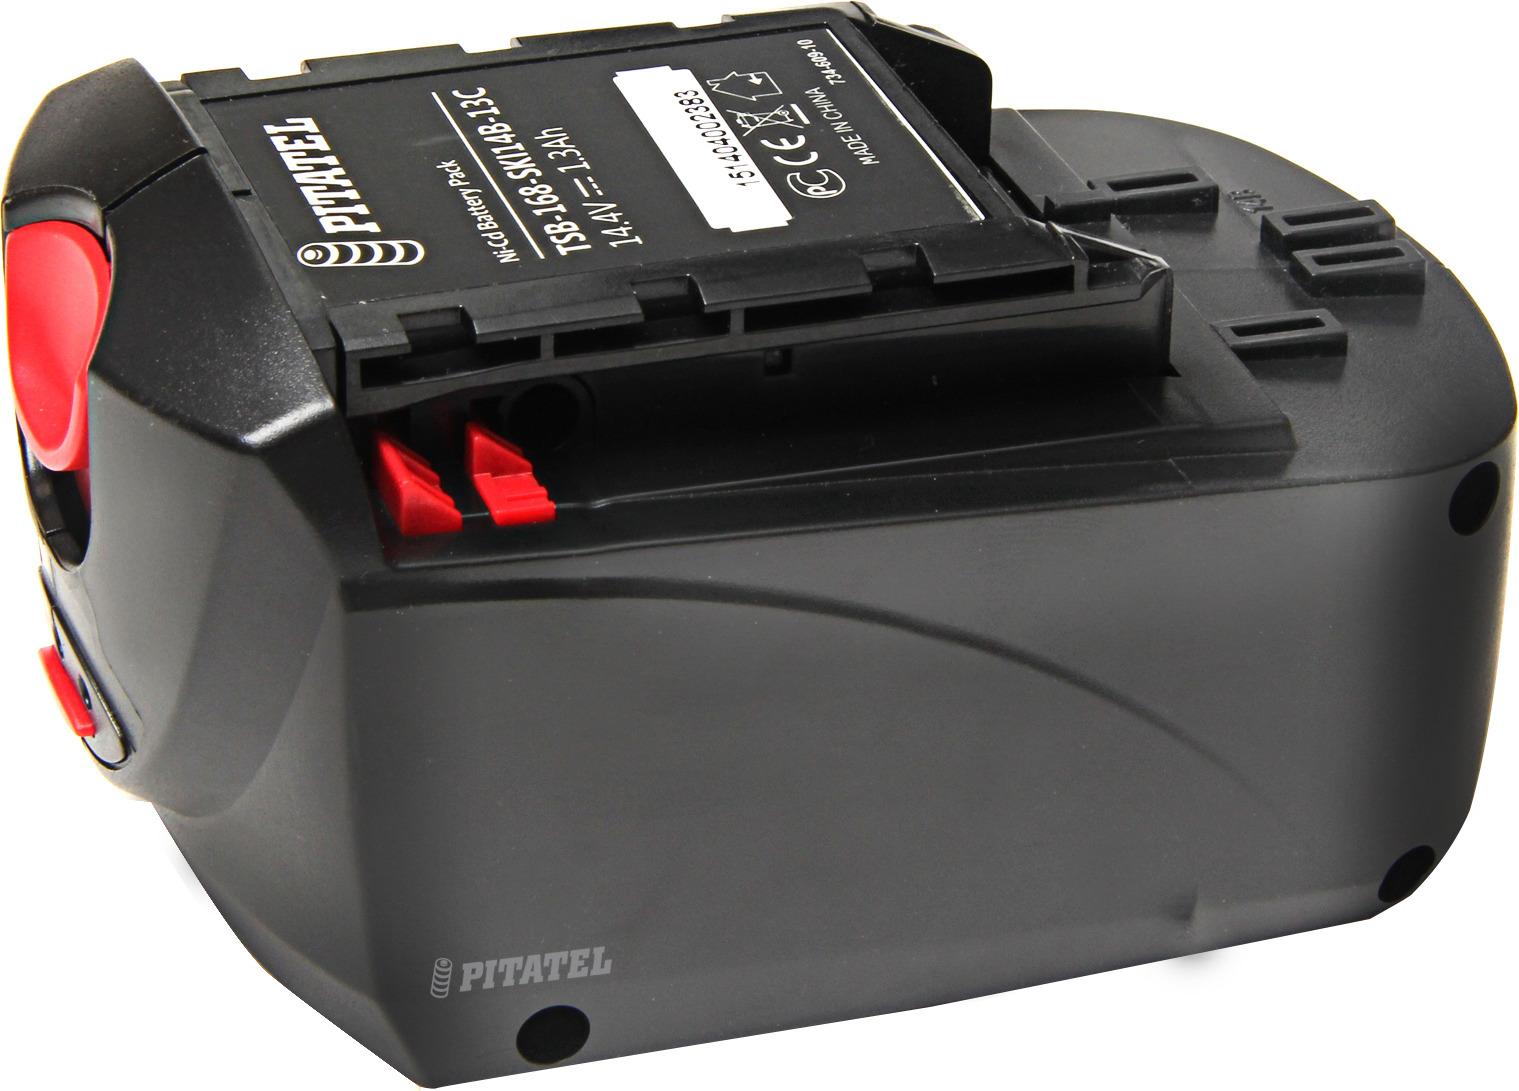 Аккумулятор для инструмента Pitatel TSB-168-SKI14B-13C для SKIL, черный